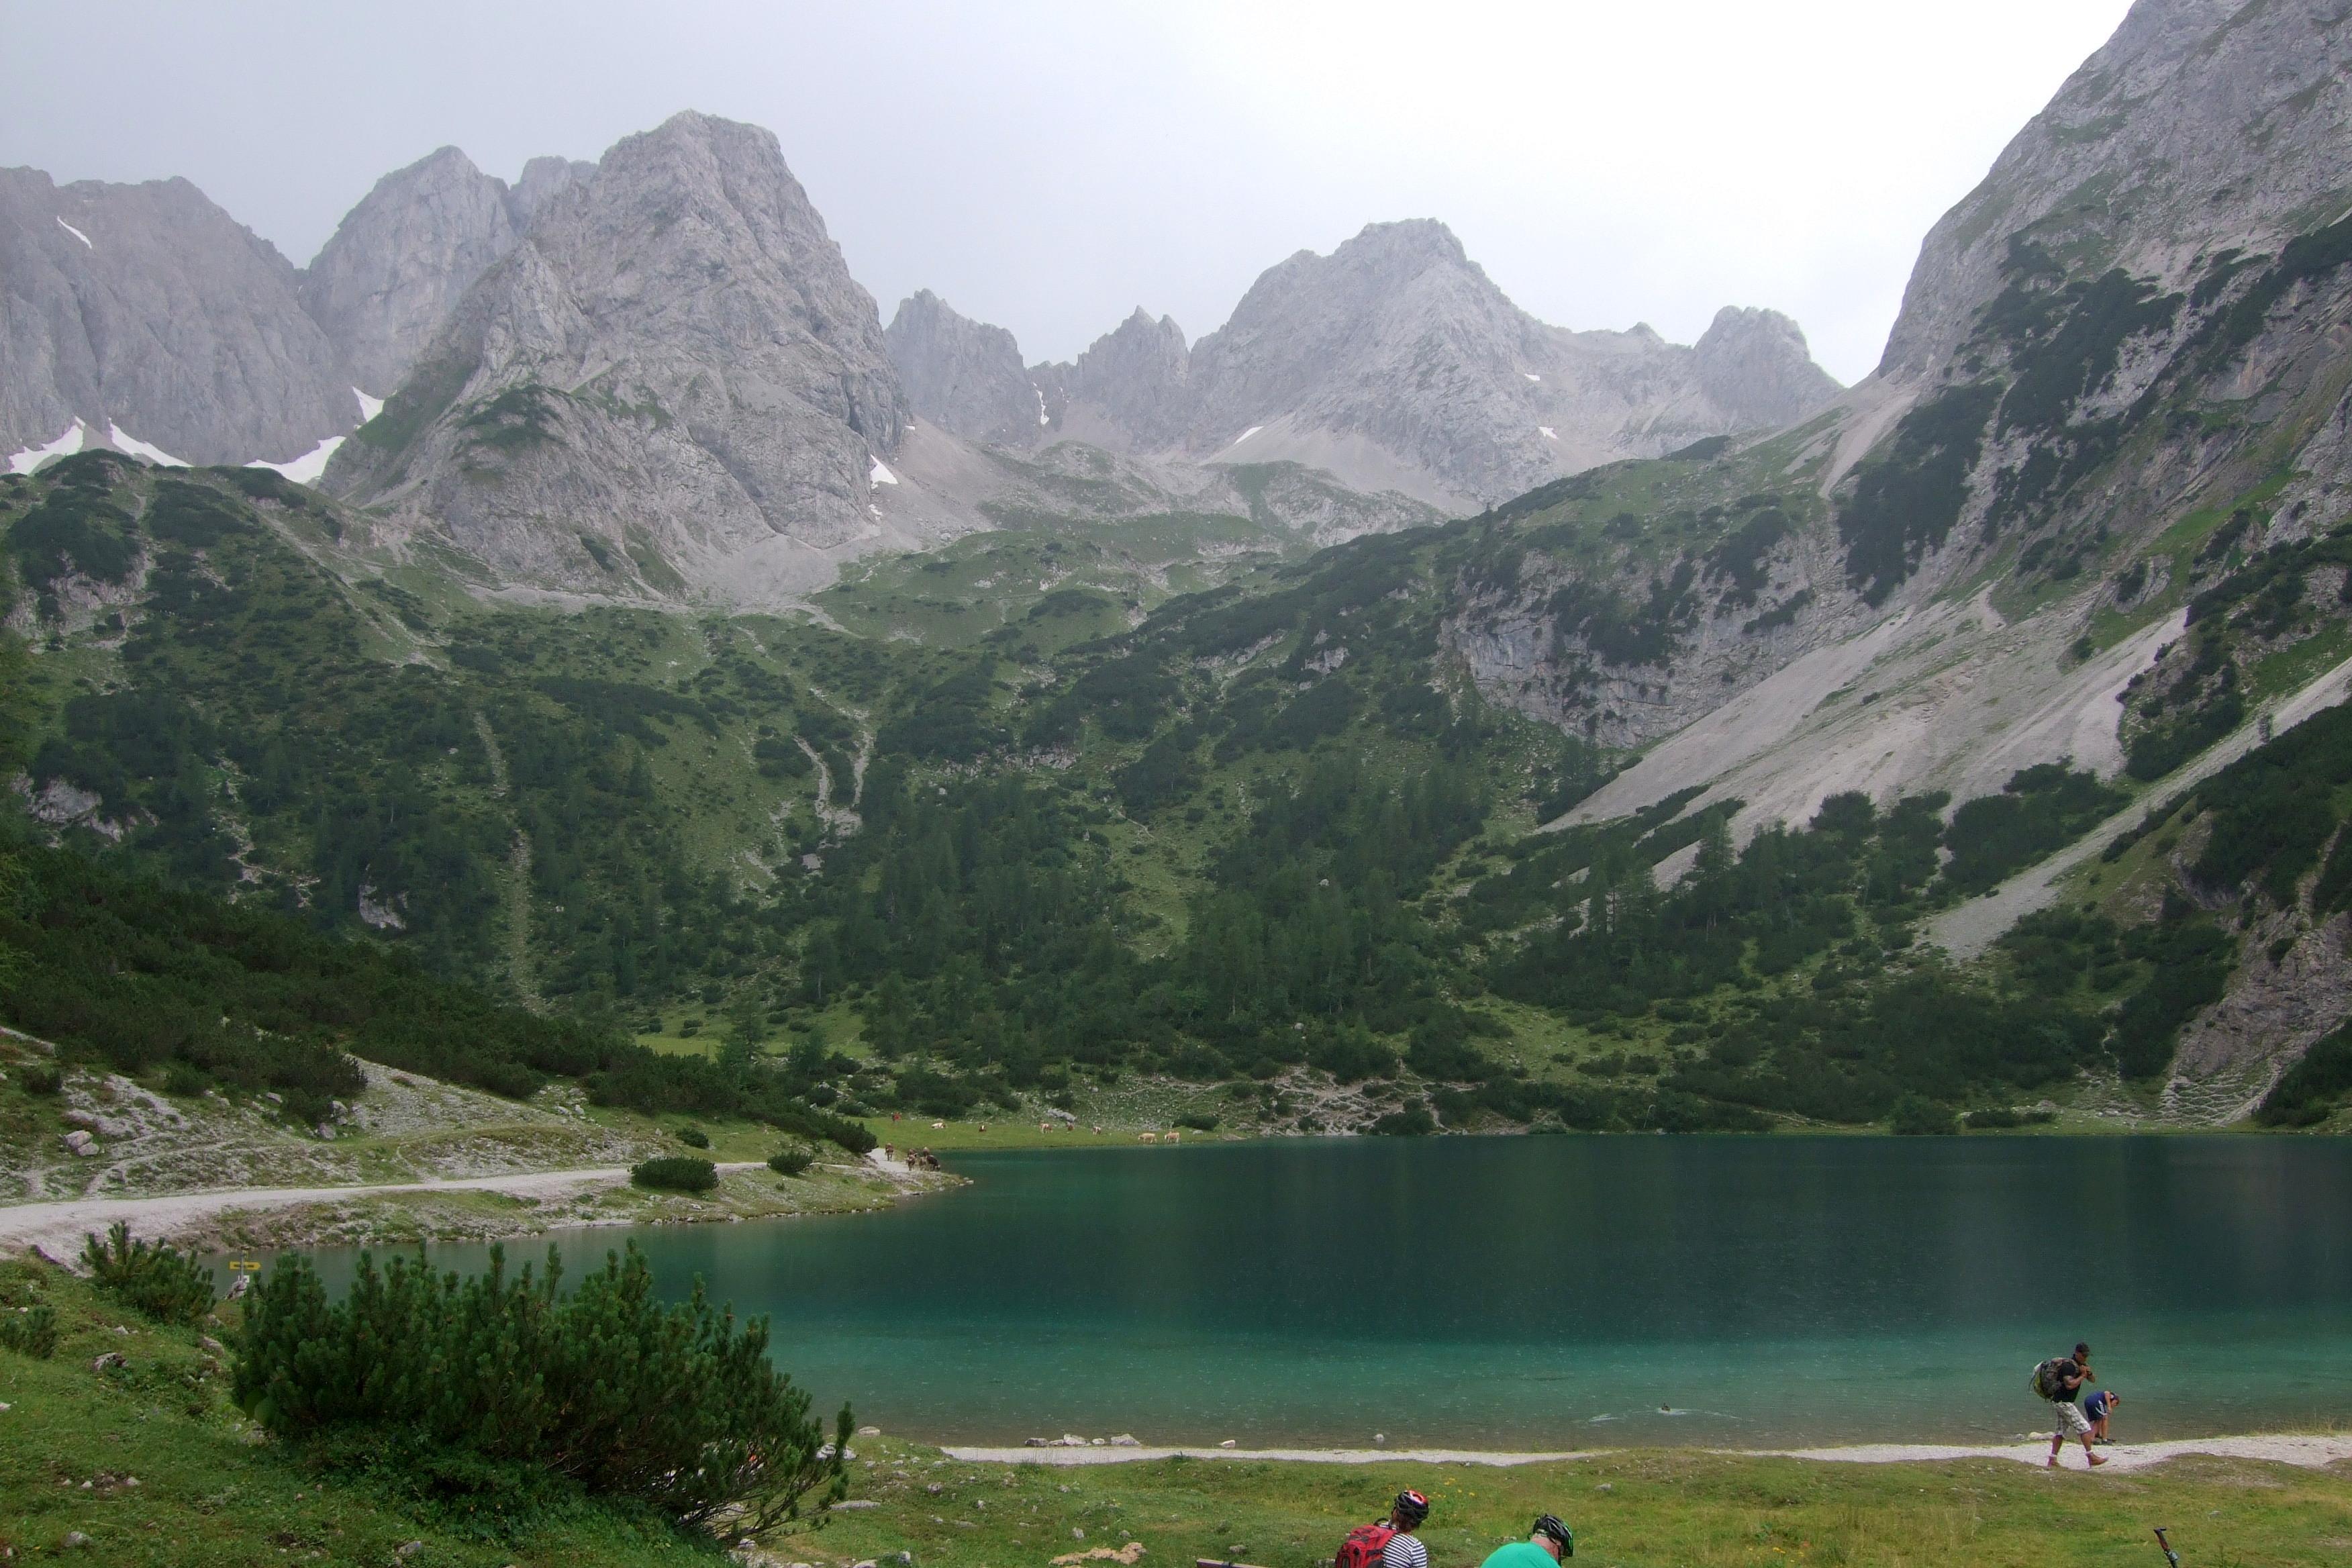 Klettersteig Coburger Hütte : Seeben klettersteig mieminger lisa unterwegs